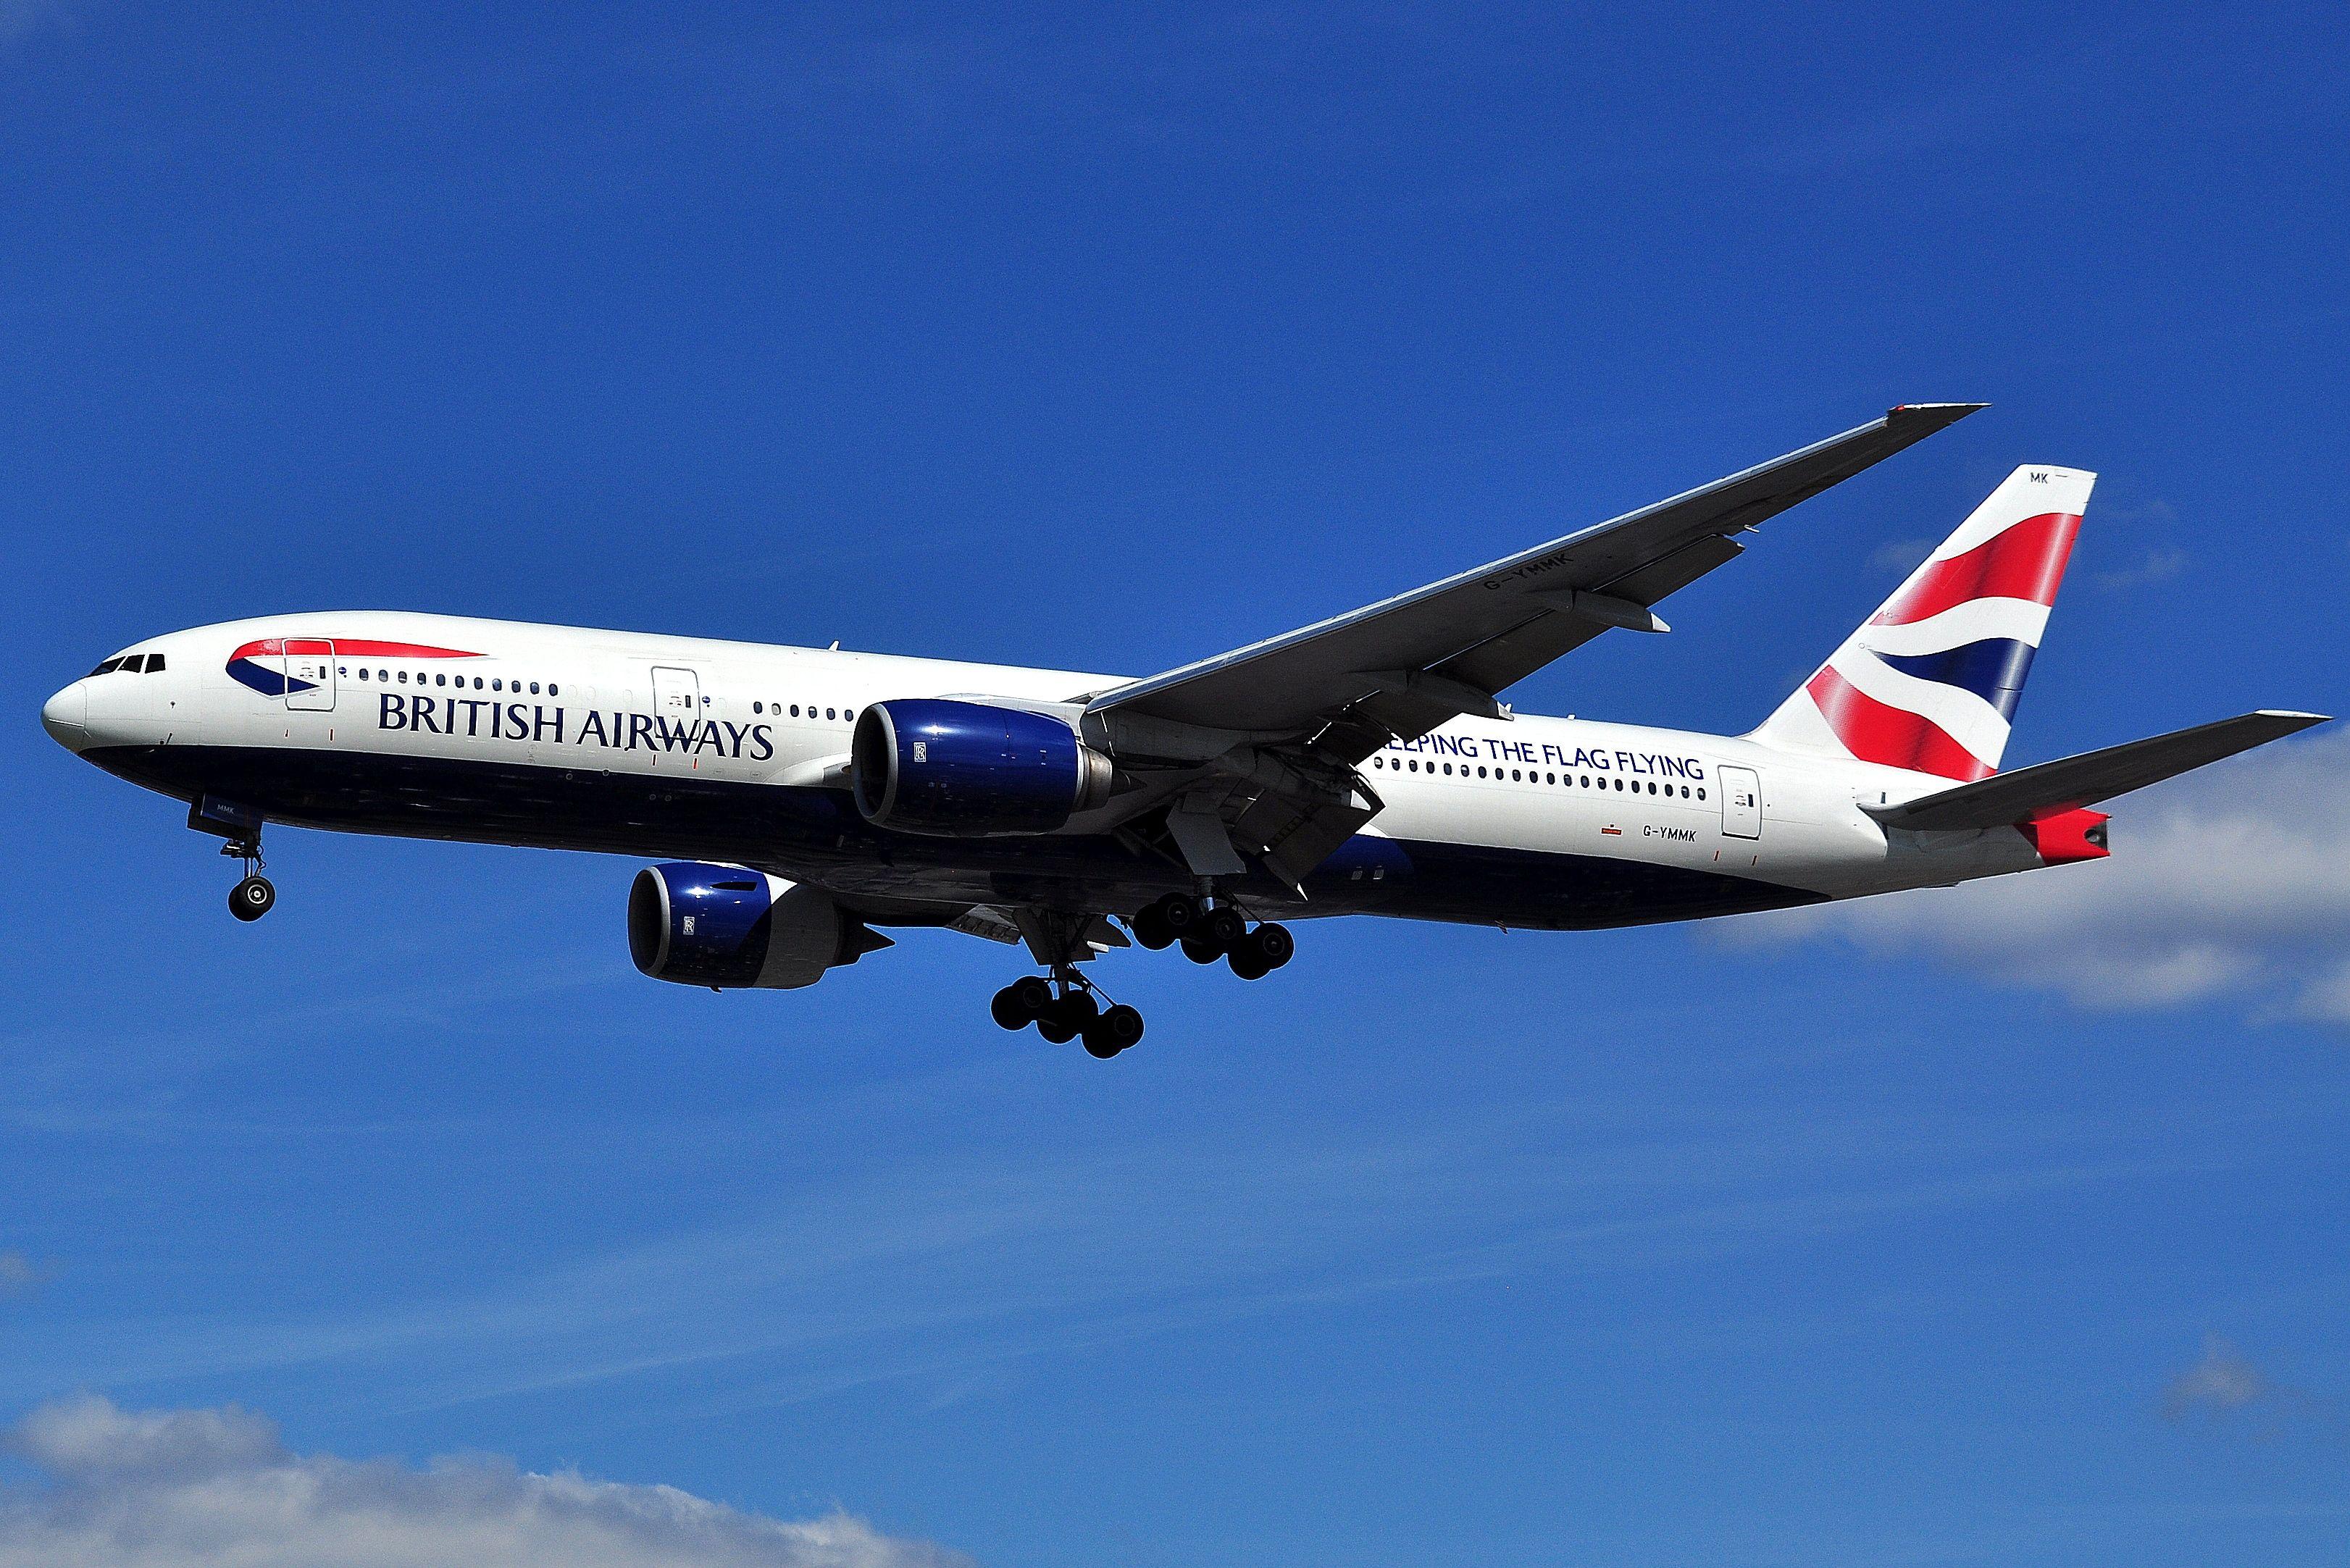 Book Online British Airways Tickets Via Rehlat Find Airfare Deals Promotions Of British Airways Cheap Air Ticke British Airways The Good Place British